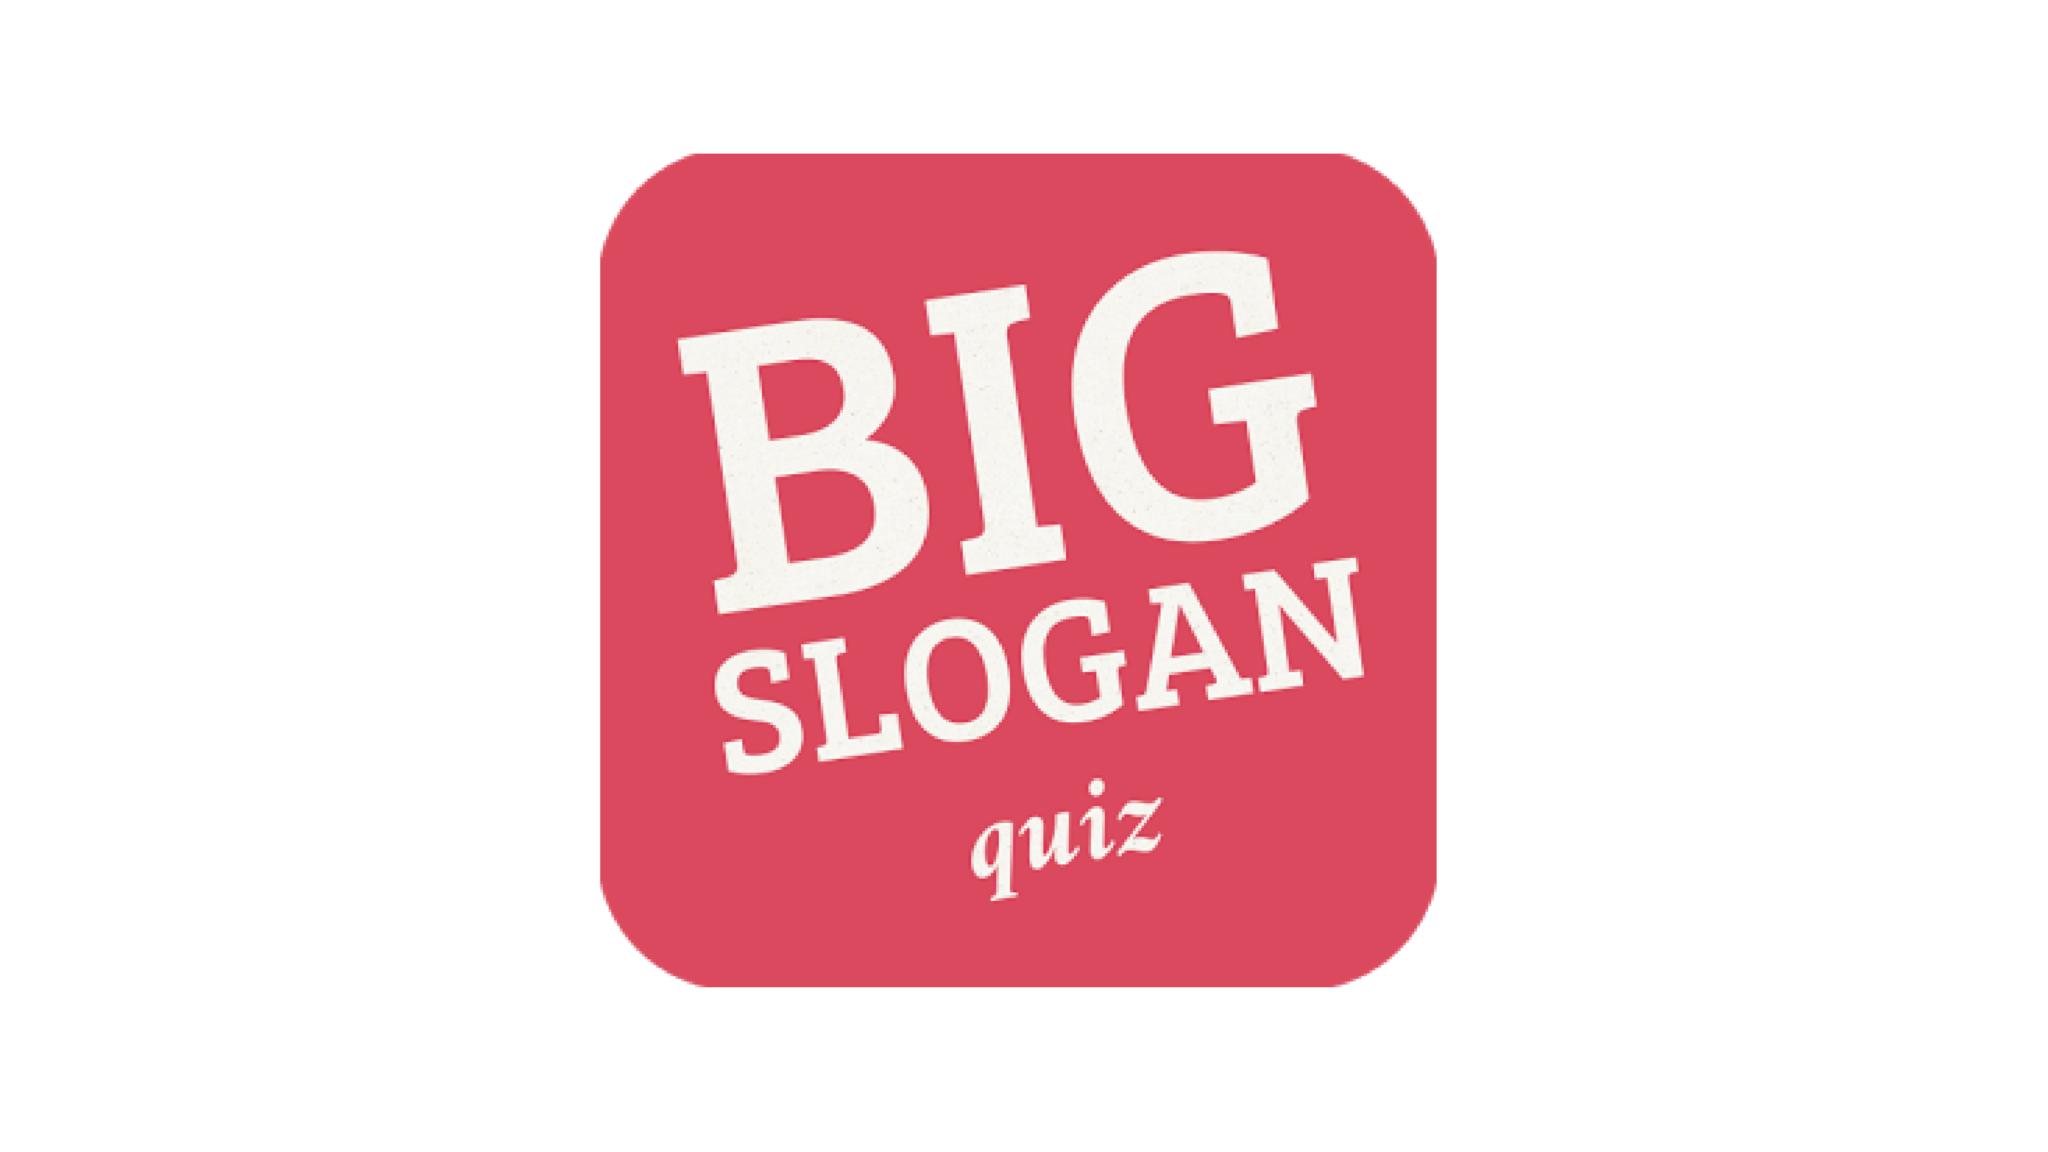 Znáte slogany známých firem? Big Slogan Quiz vás přesvědčí, že ne